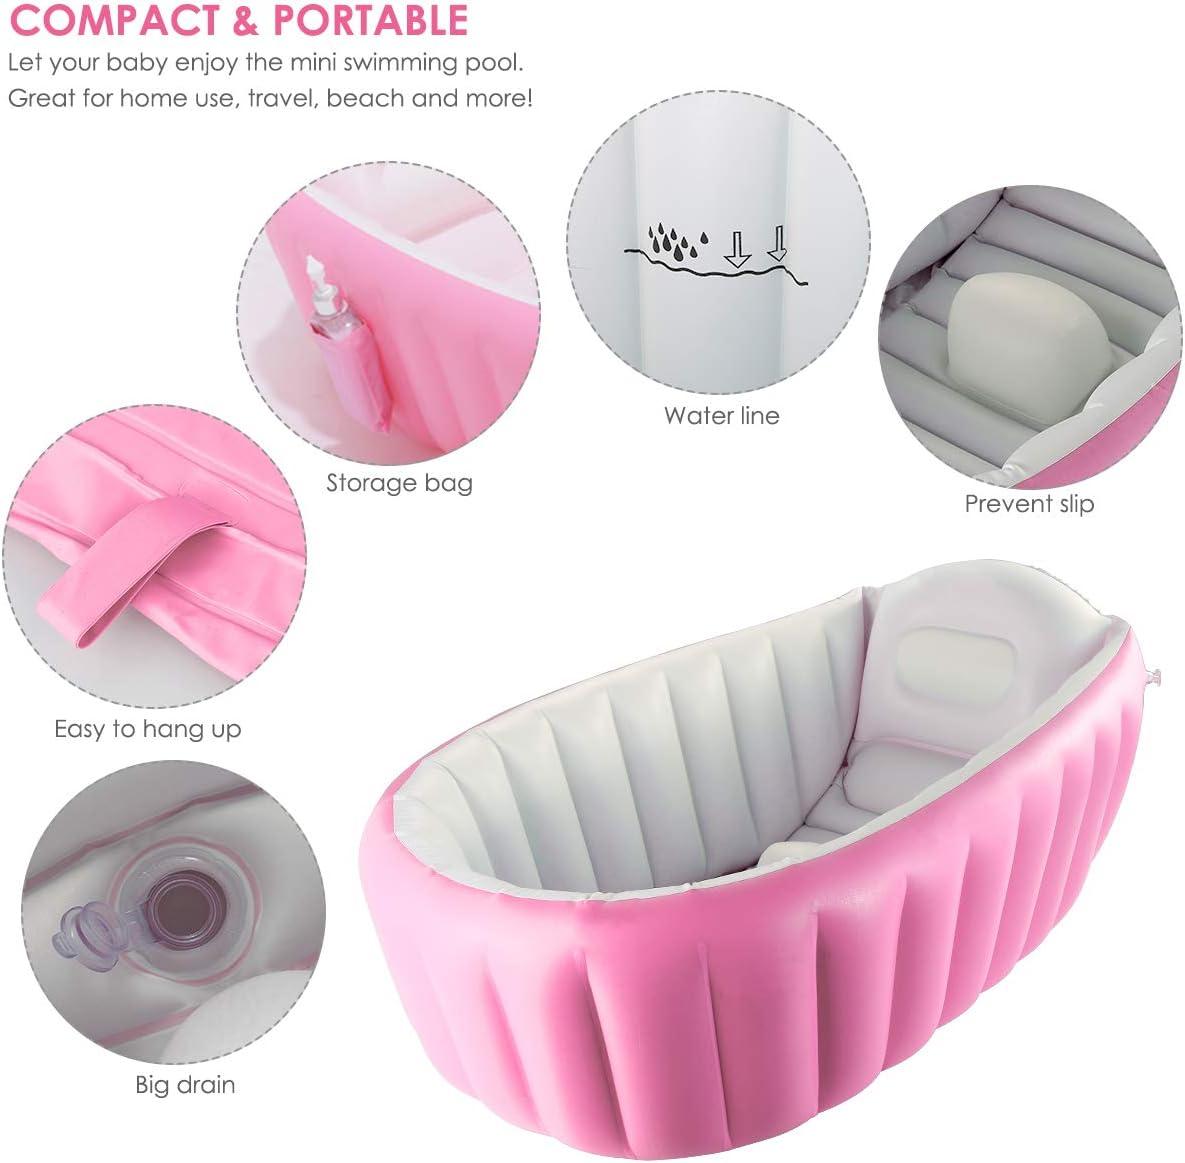 DaMohony Ba/ñera plegable para beb/é reci/én nacidos inflable Ba/ñera port/átil mini piscina de aire plato de ducha para beb/és de 0-3 a/ños